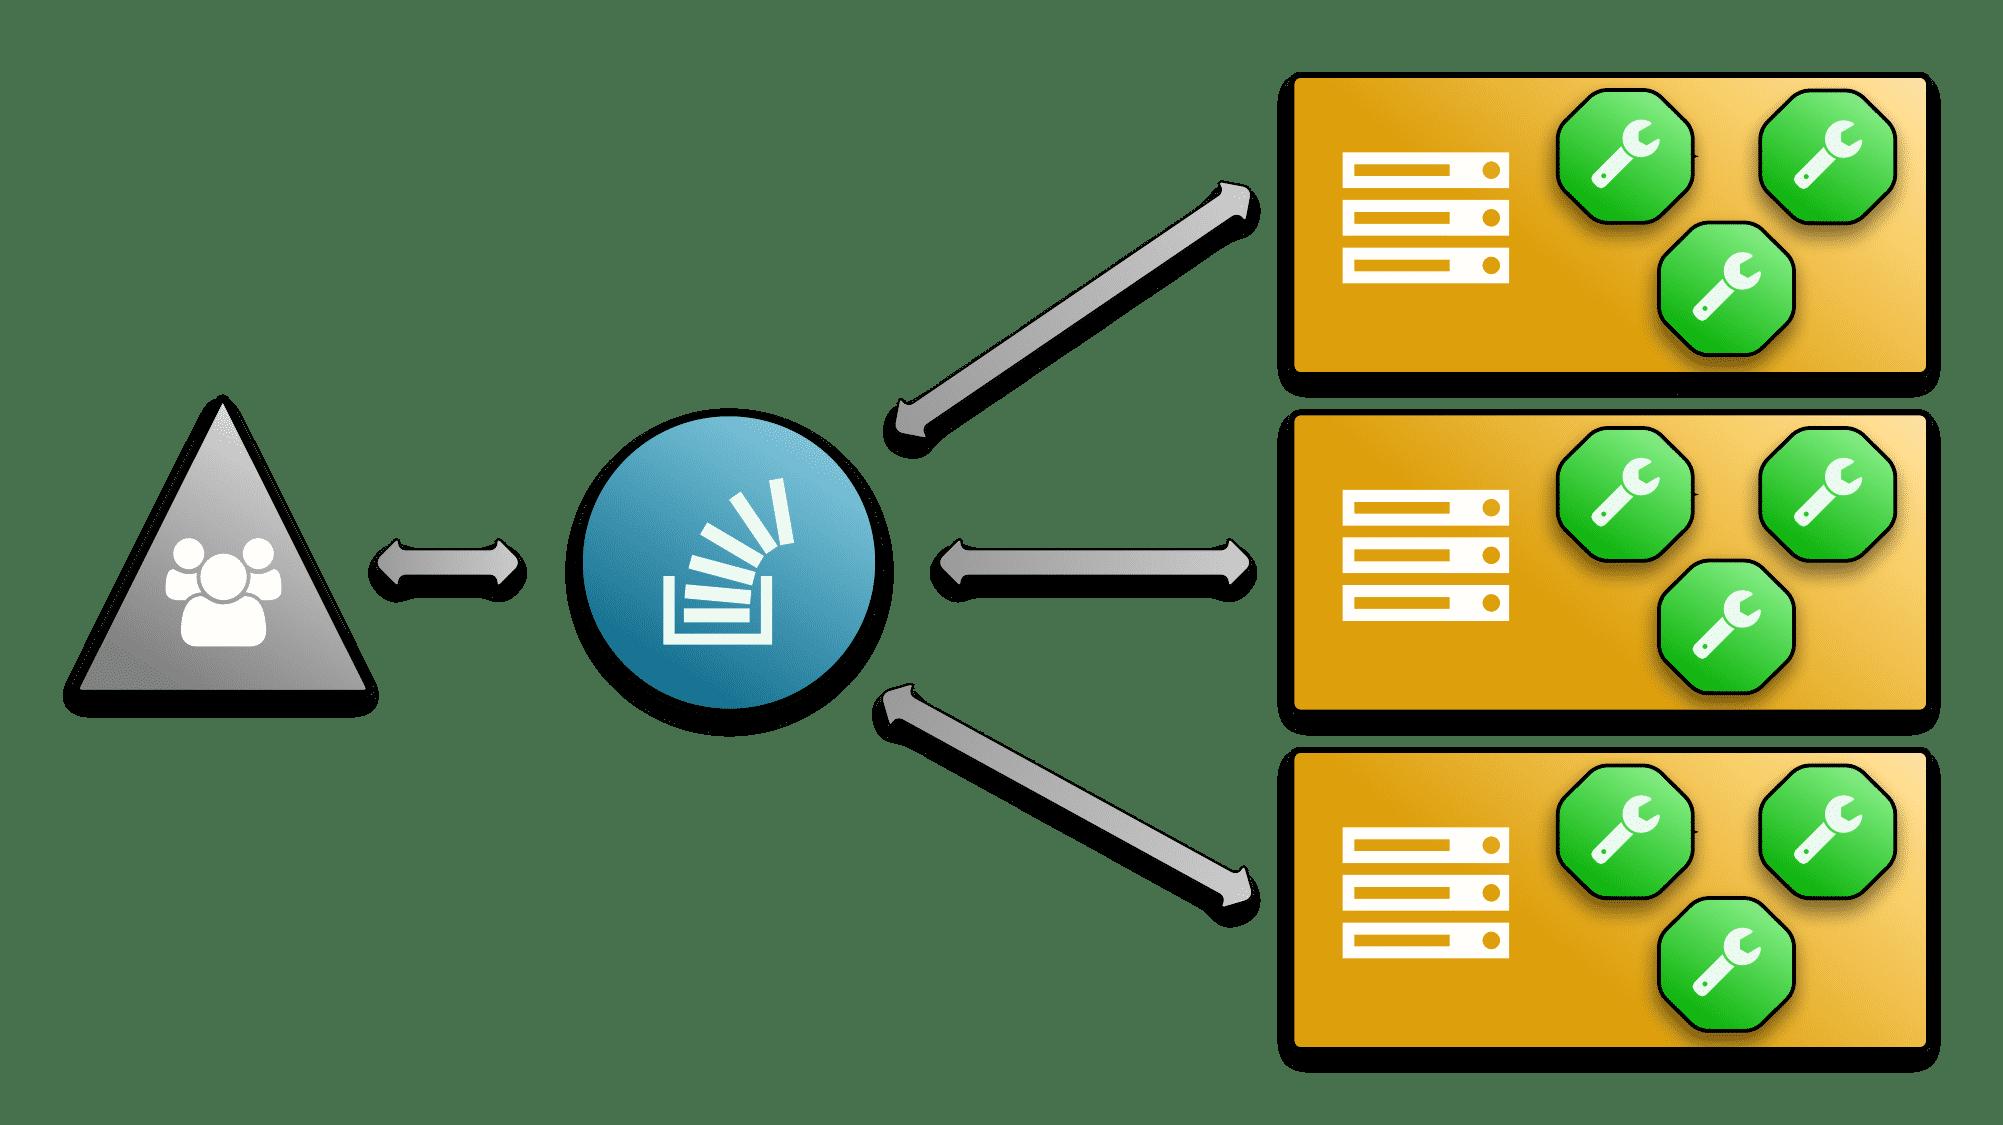 CrackLord: Gratis-Tool zum Steuern von Cracking-Clustern